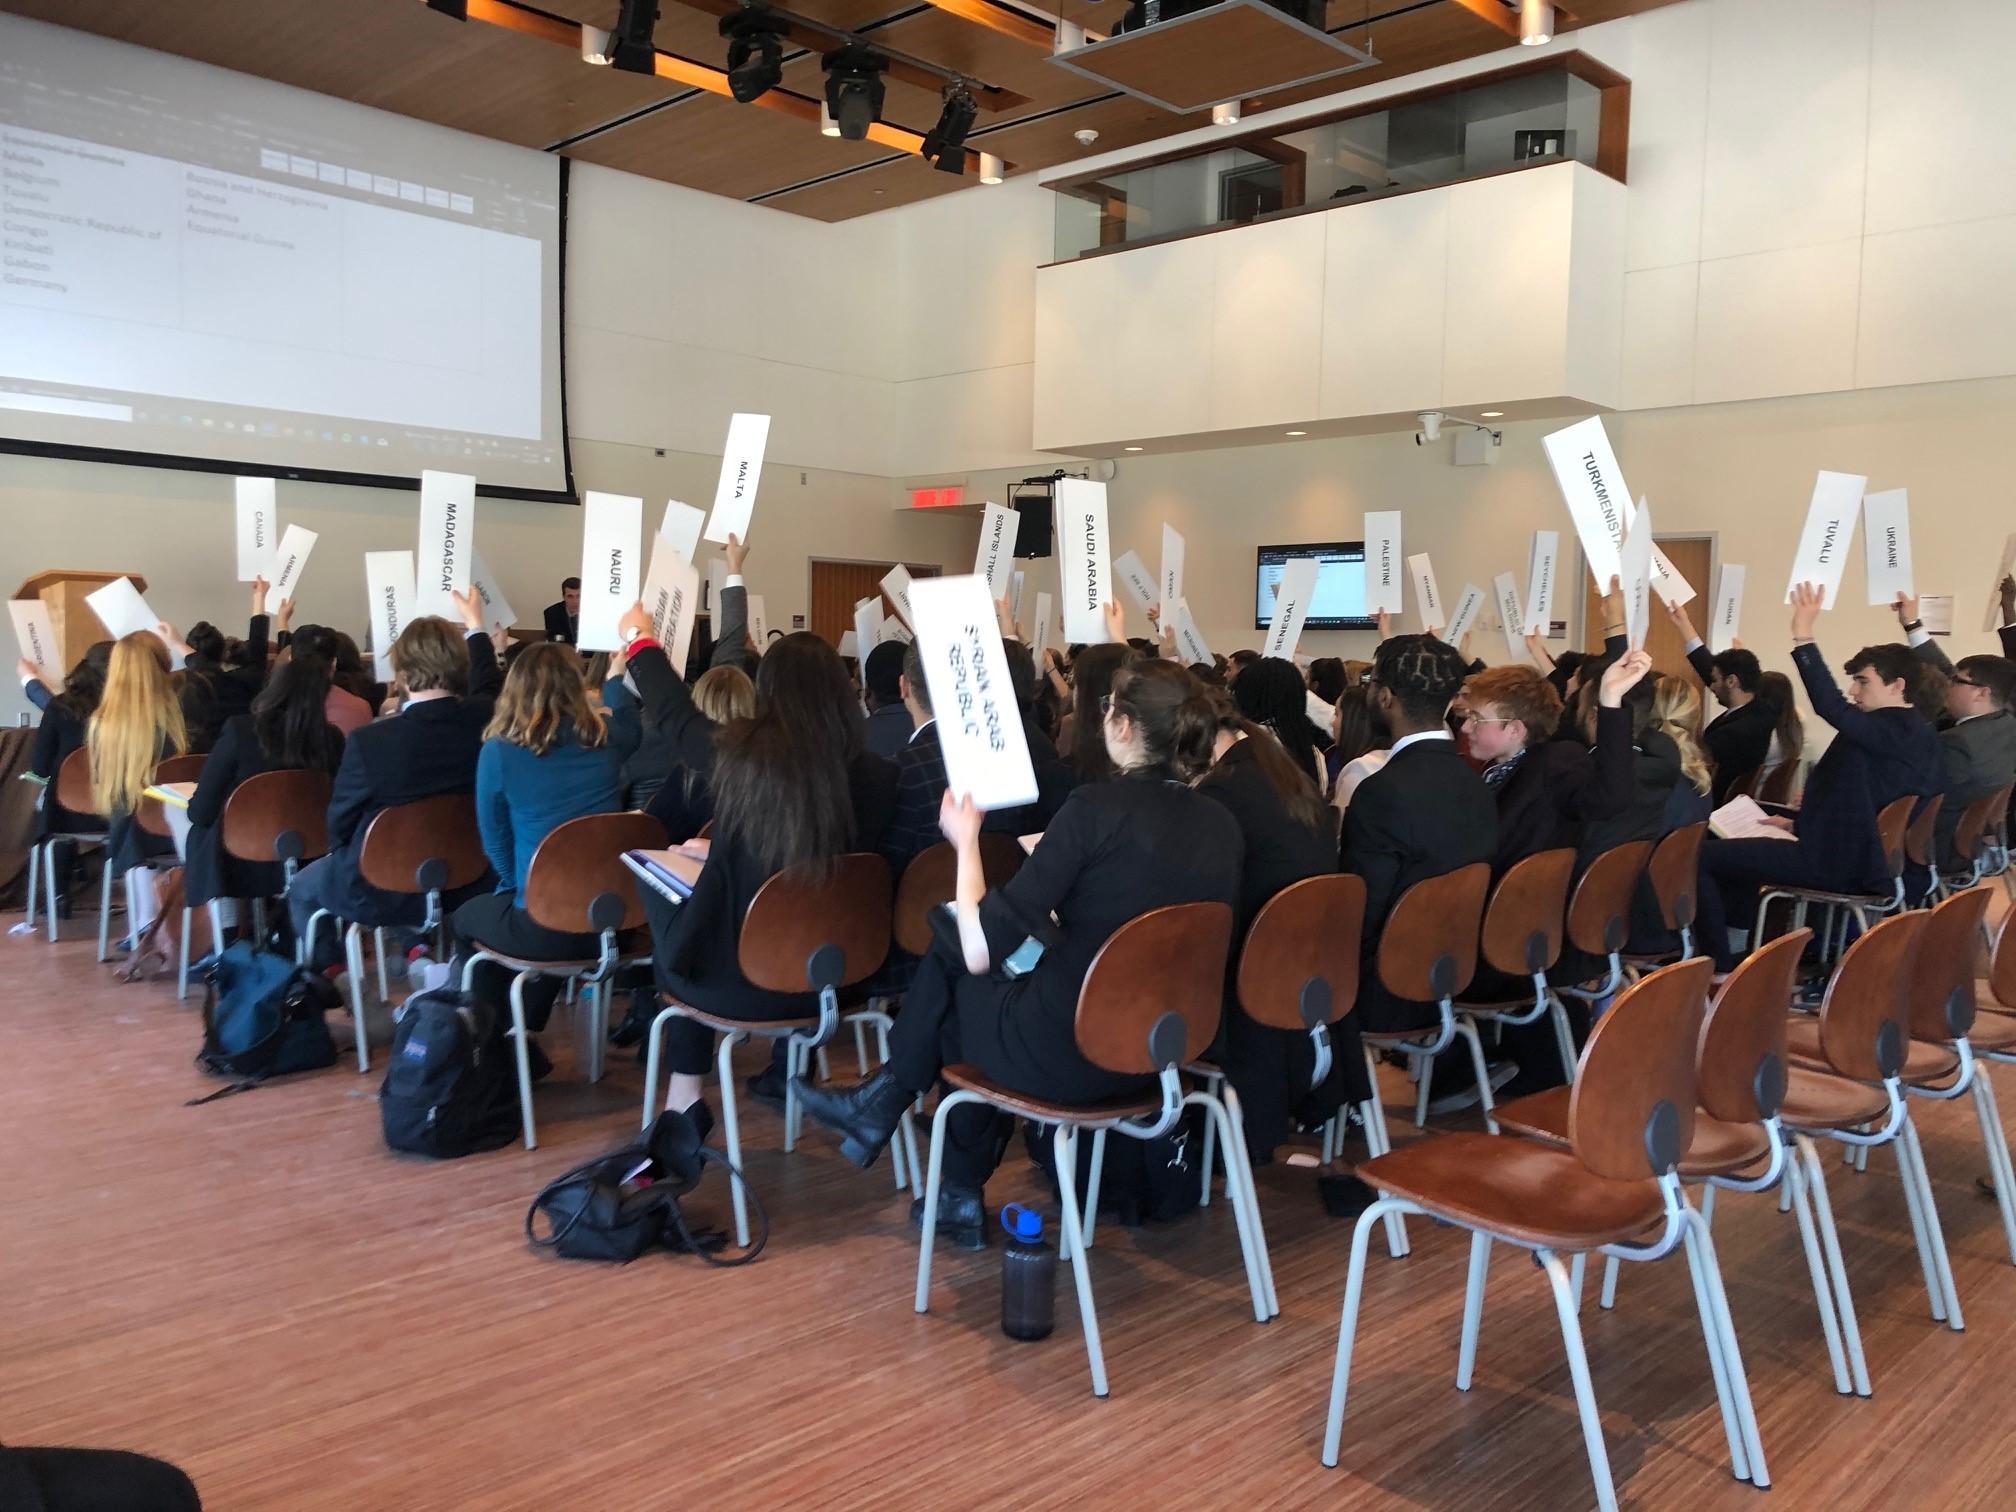 groupe d'étudiants dans une salle de classe